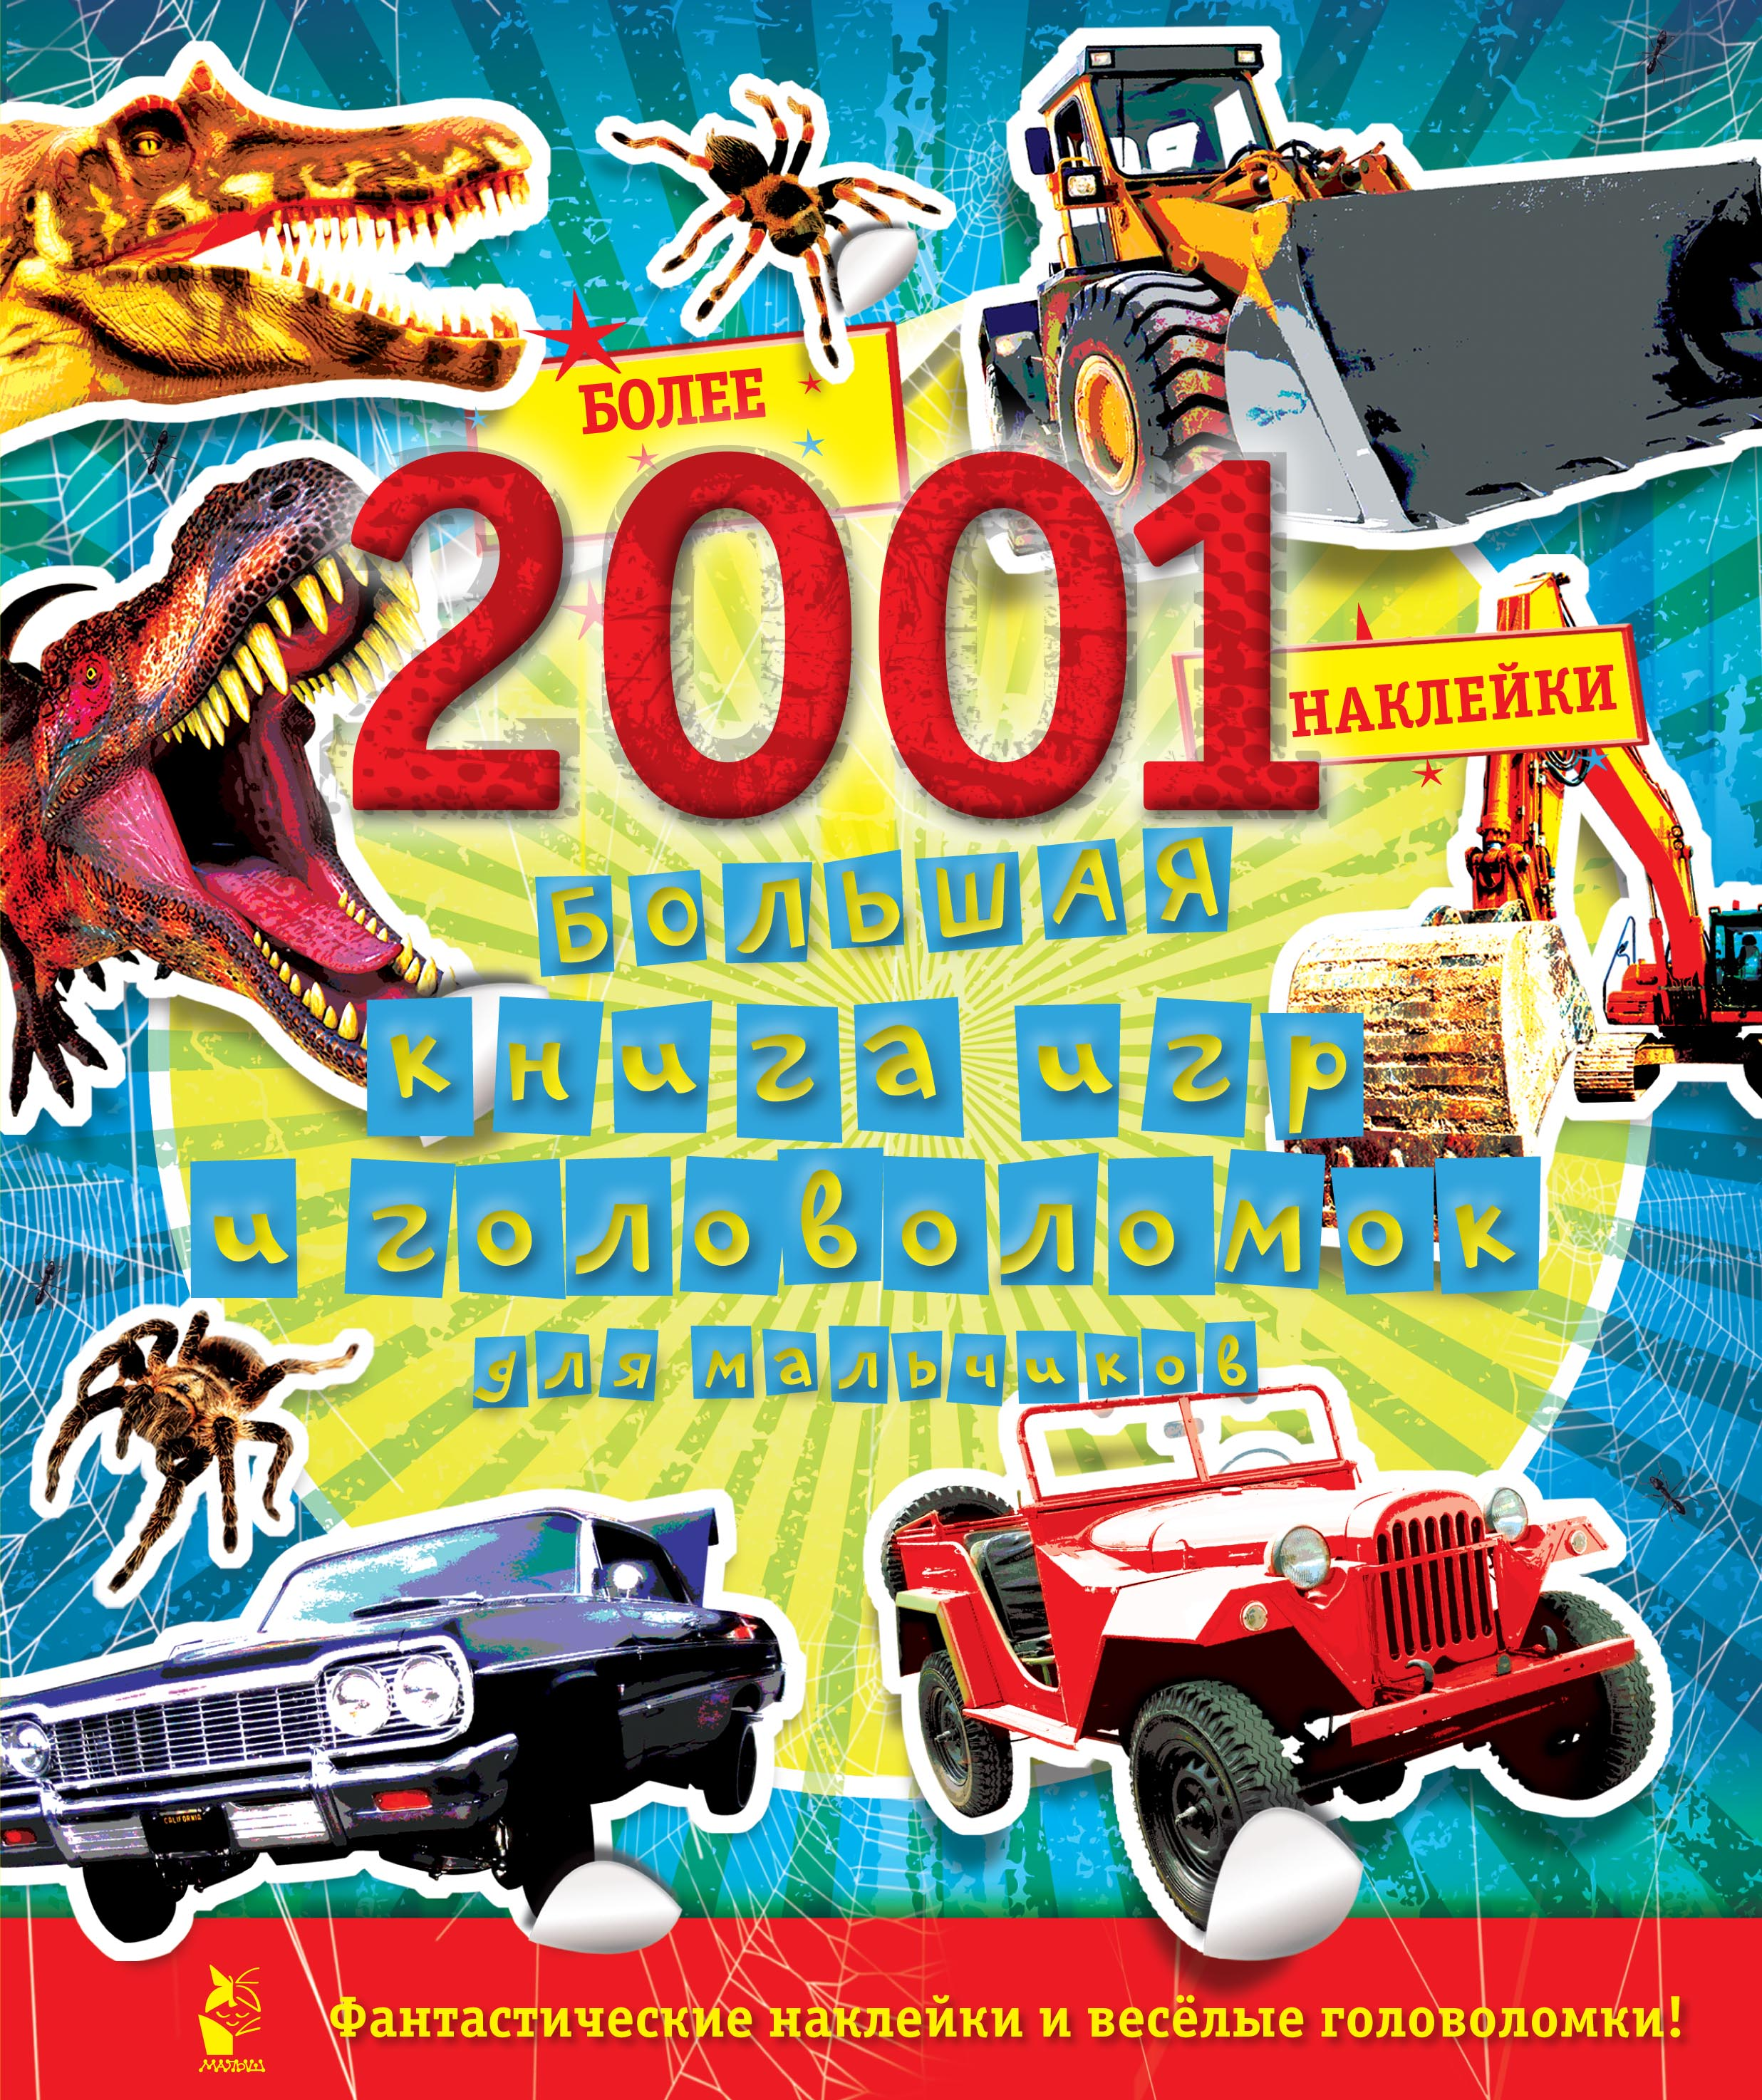 . Большая книга игр и головоломок для мальчиков большая книга игр и головоломок для мальчиков 2001 наклейка